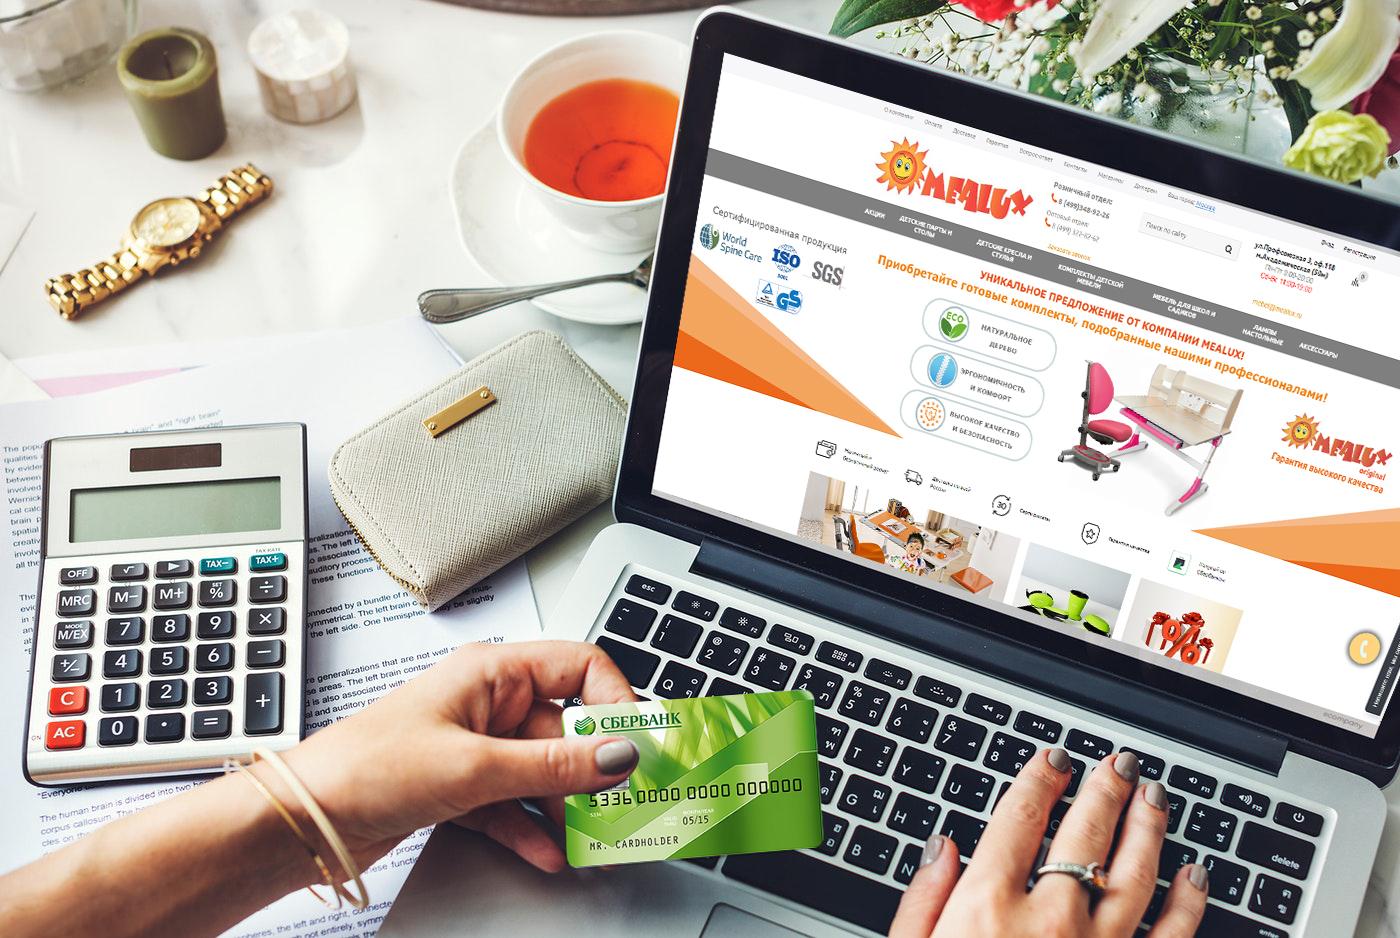 взять кредит онлайн быстро на карту не выходя из дома в сбербанке евро онлайн сейчас в банках липецка